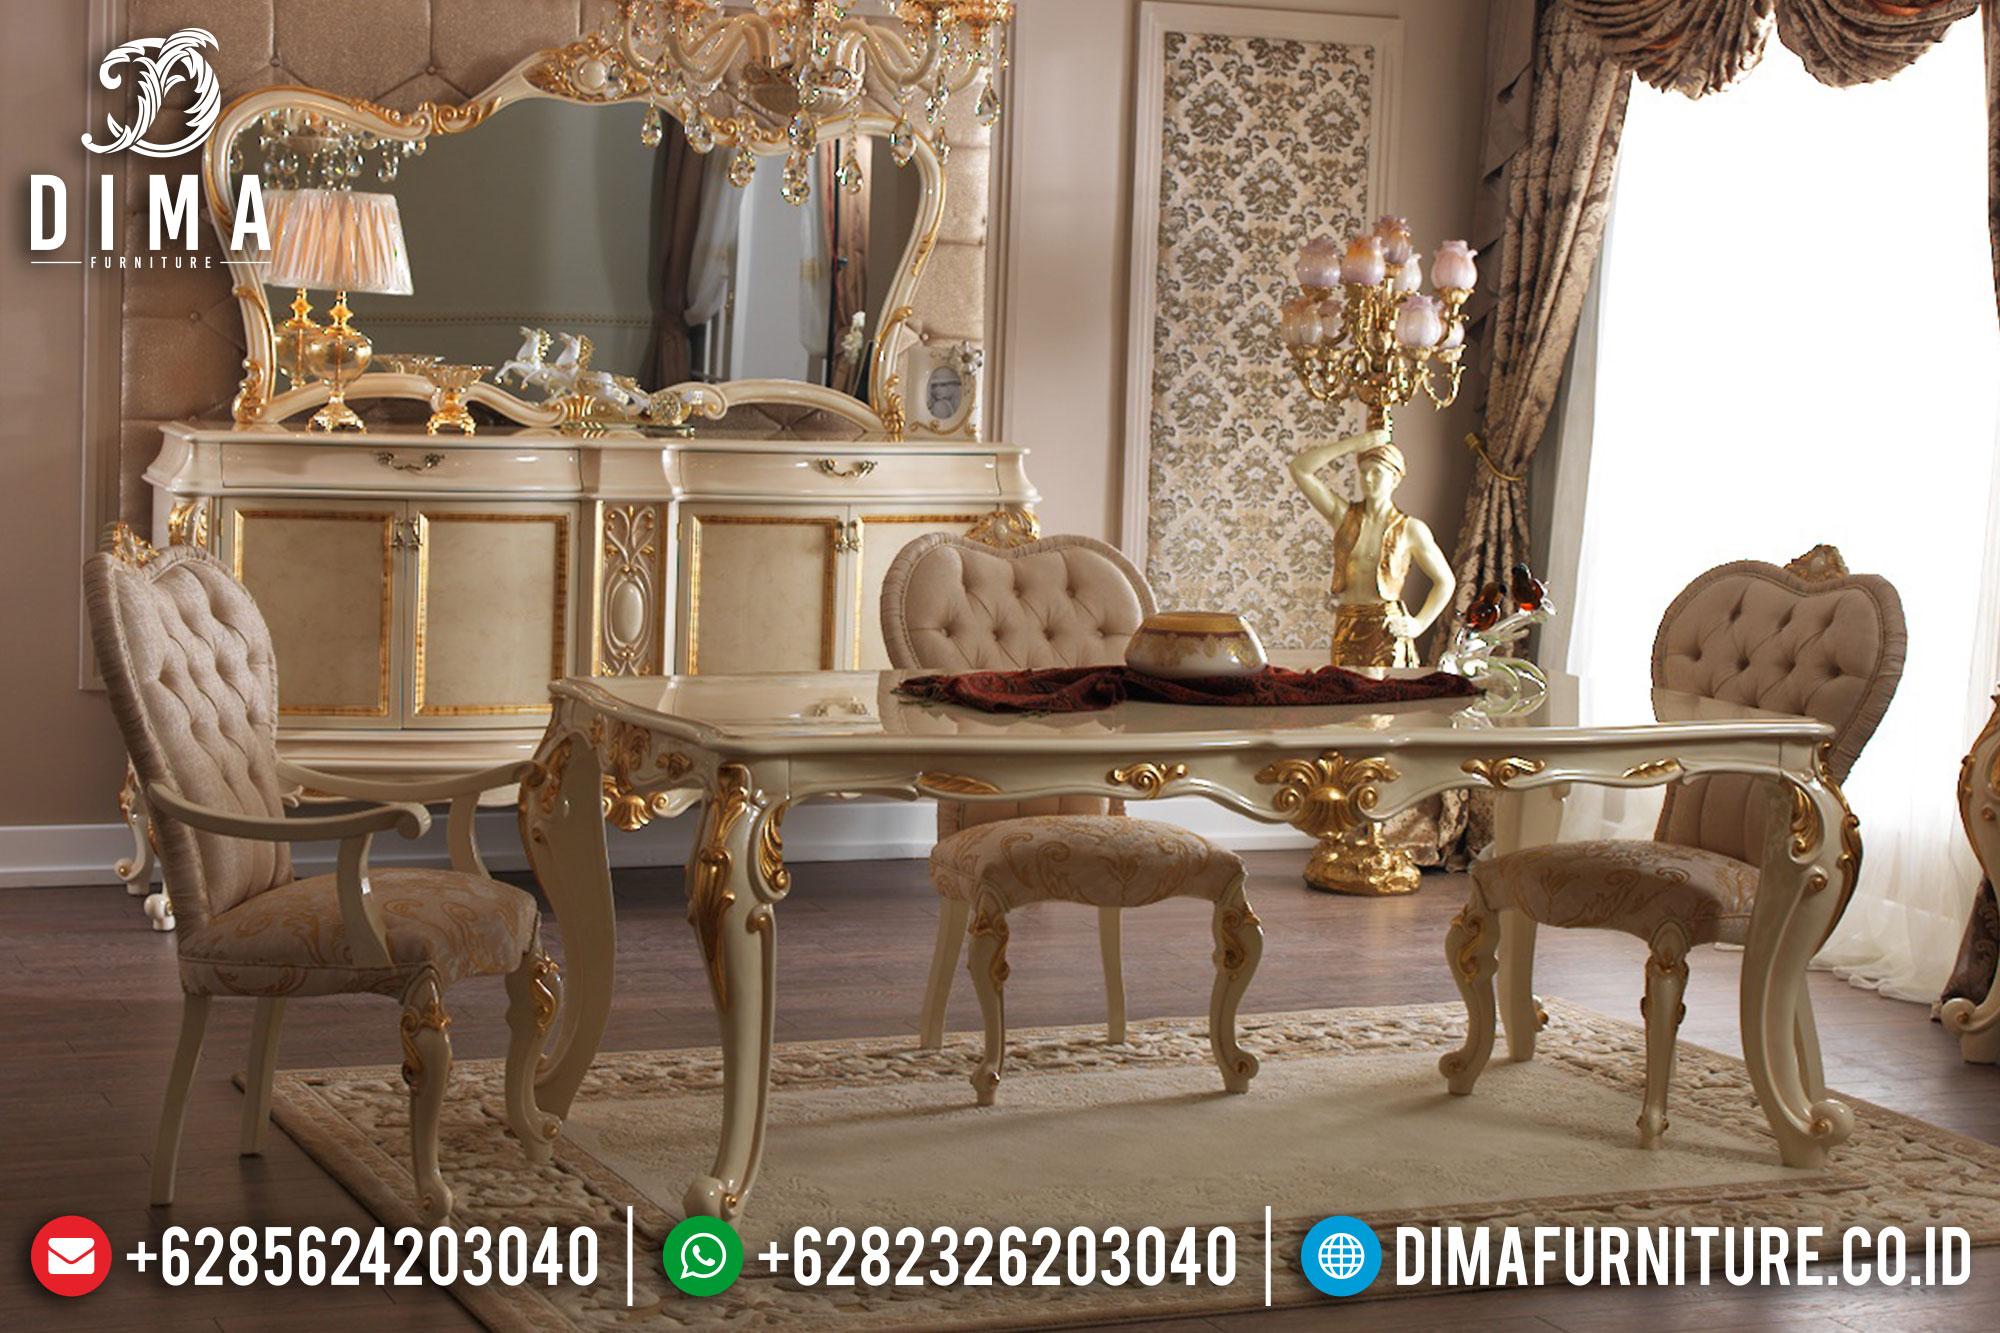 Meja Makan Mewah Jepara Ukiran Klasik Terbaru Duco Ivory Emas MM-0177